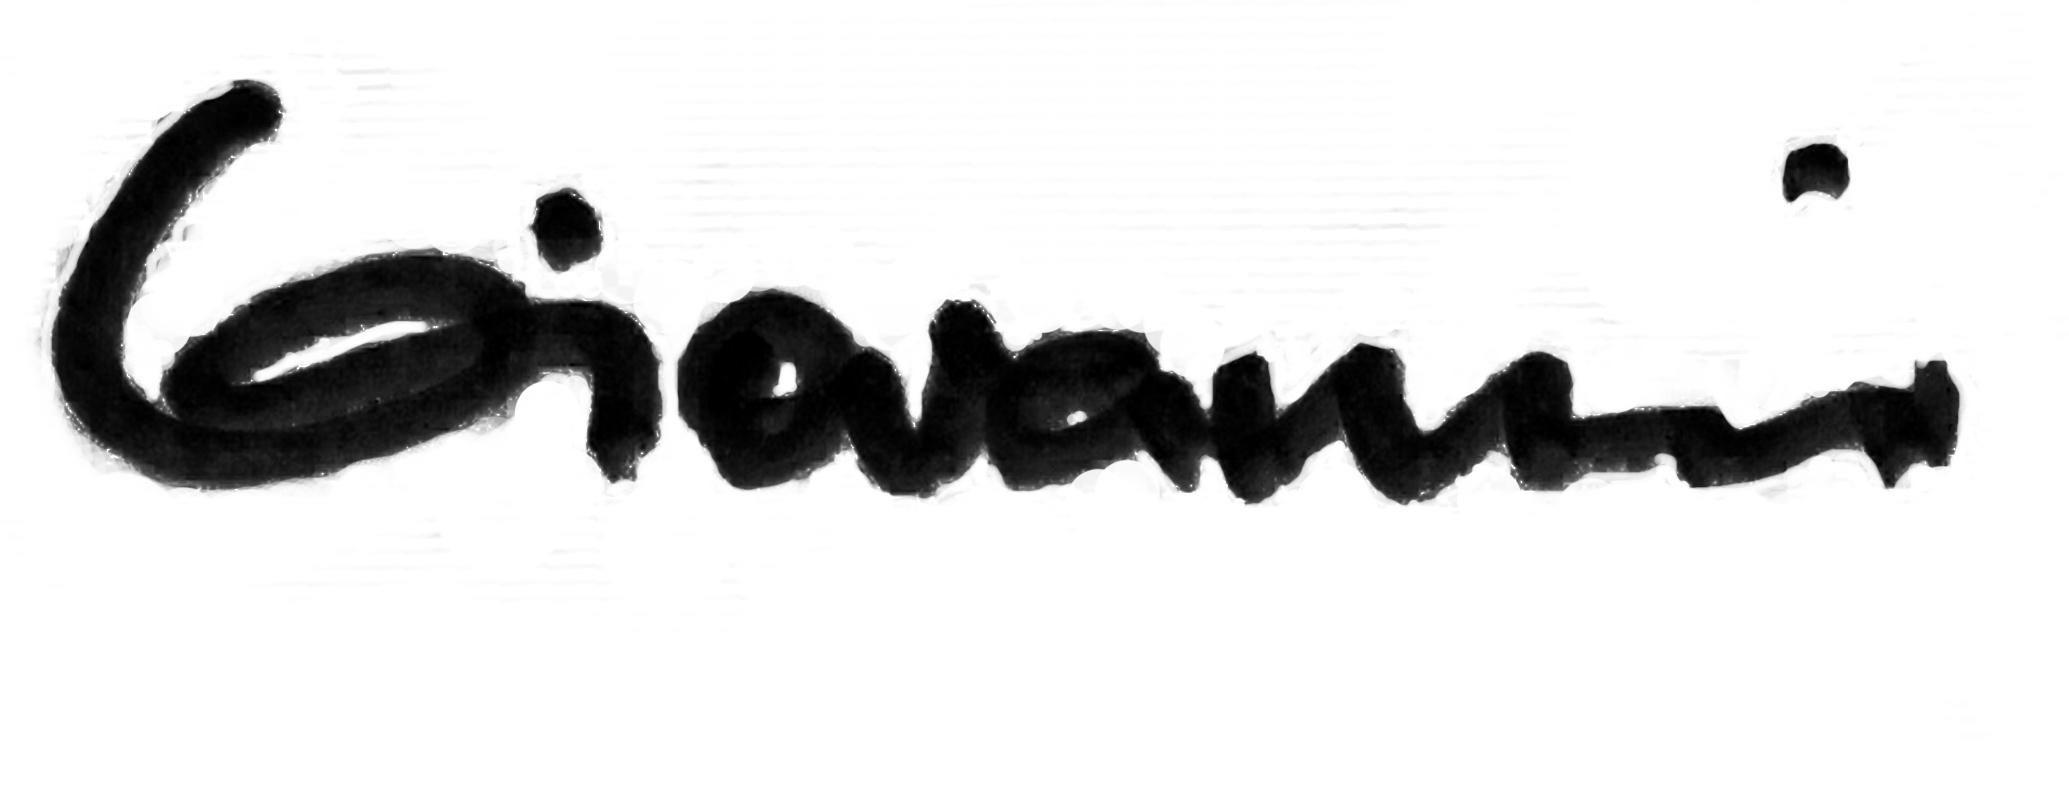 Giovanni  G  Cavuoto's Signature